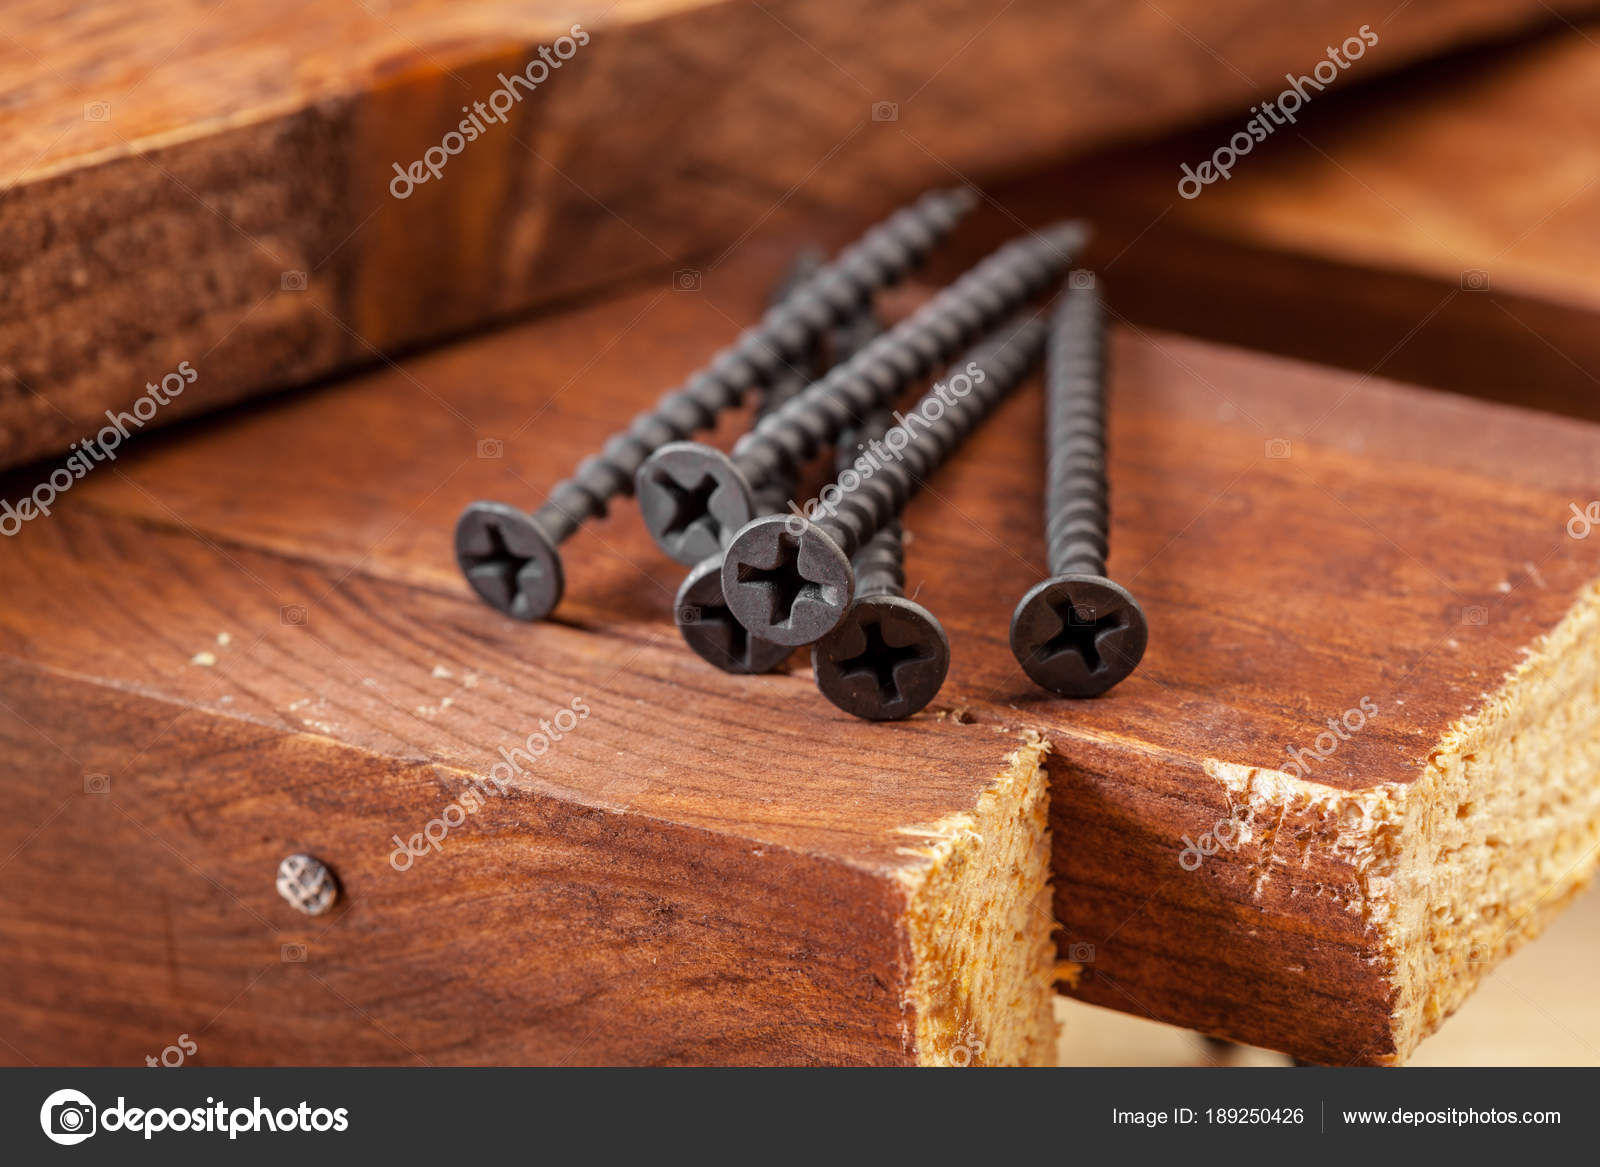 Pile Framing Nails Wooden Surface — Stock Photo © Fotofabrika #189250426